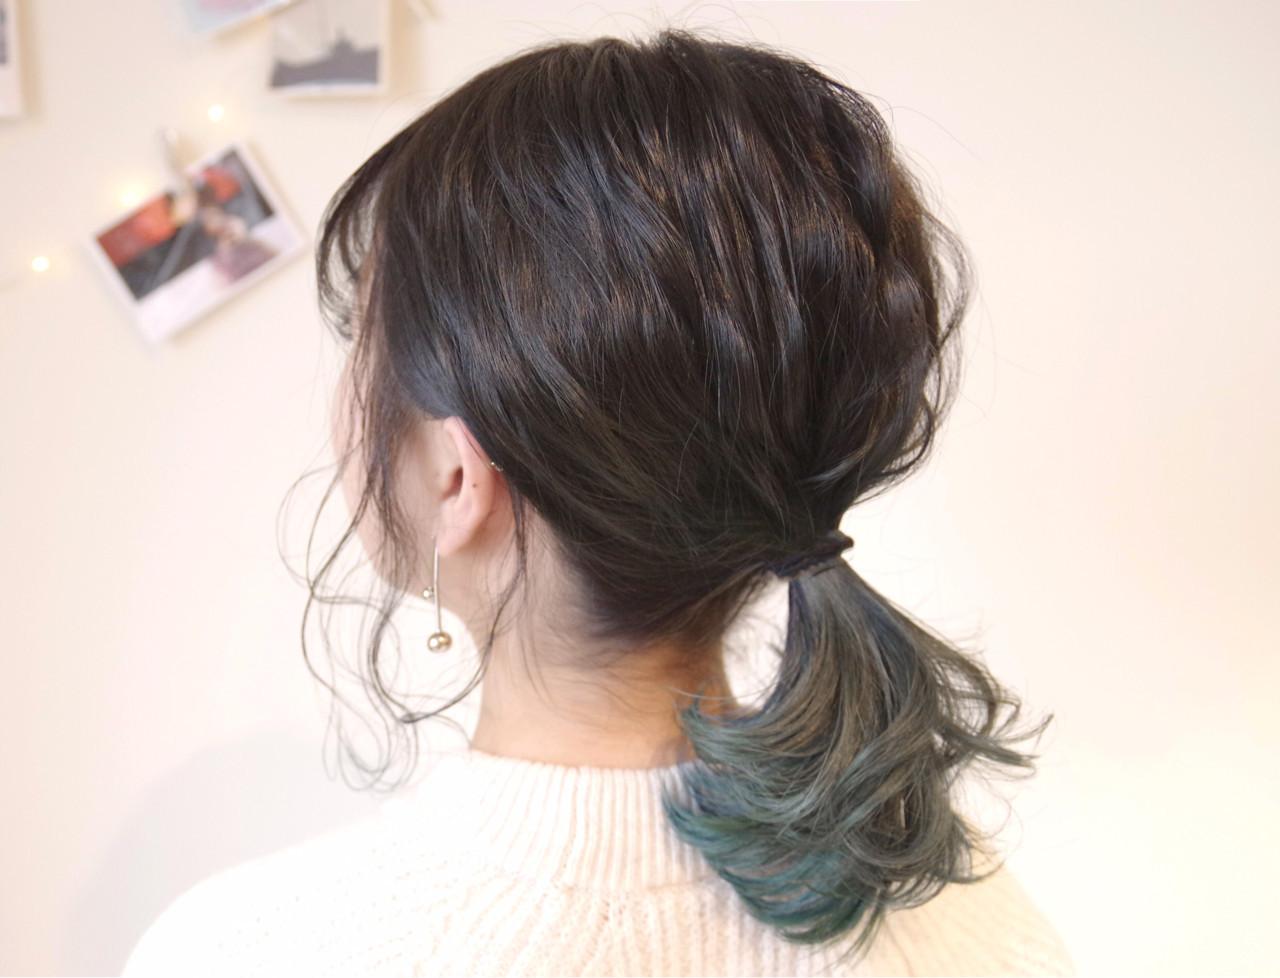 ヘアアレンジ 簡単ヘアアレンジ ミディアム オフィス ヘアスタイルや髪型の写真・画像